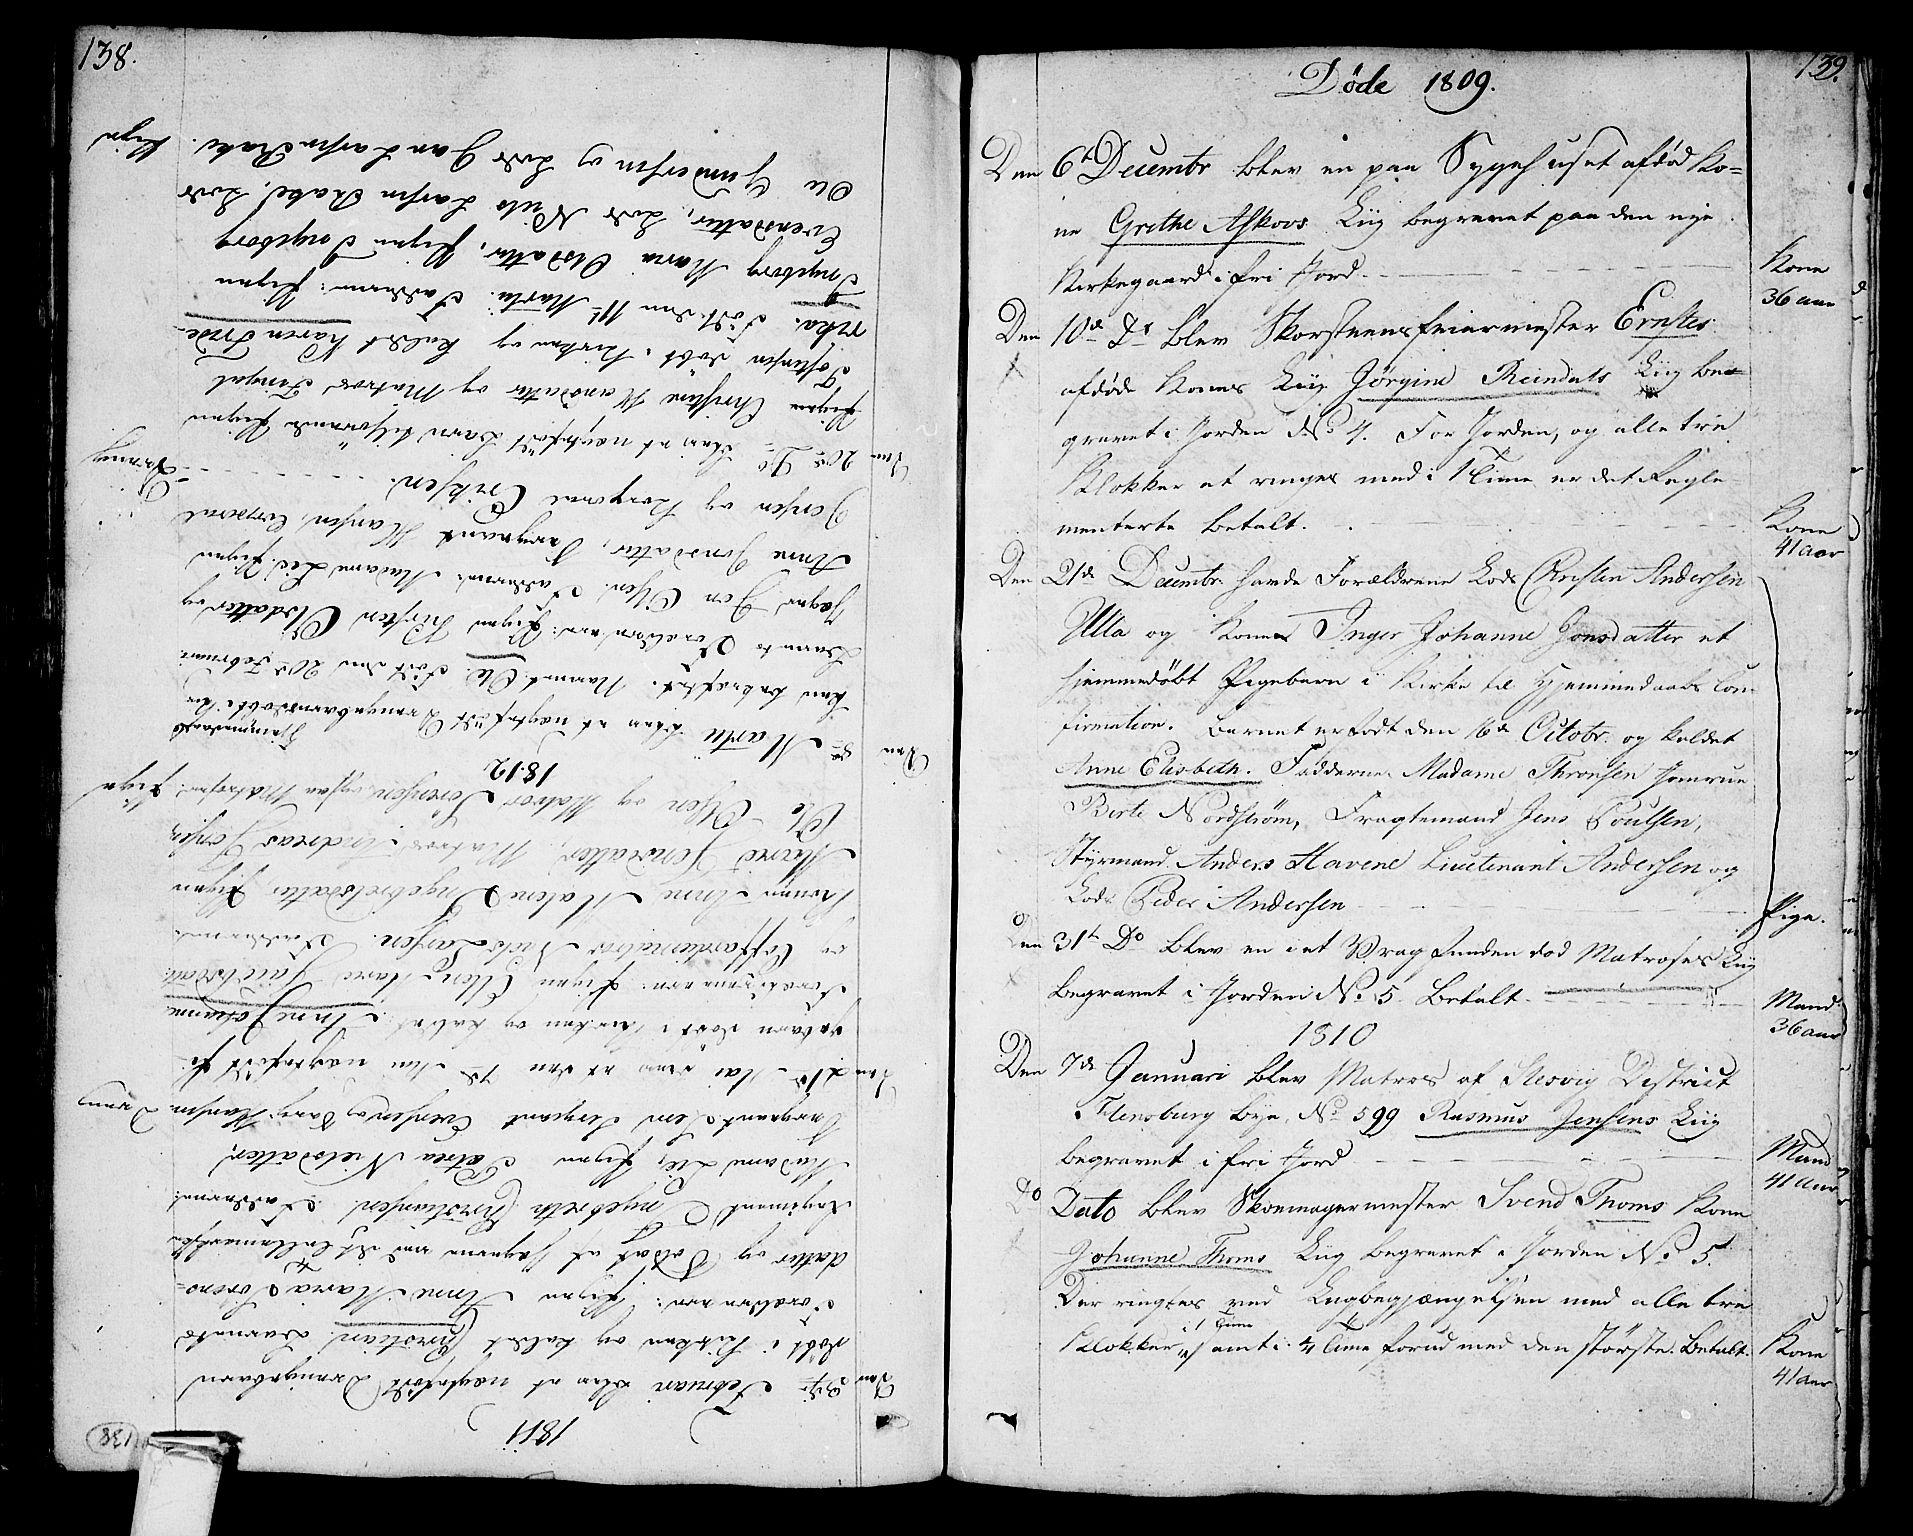 SAKO, Stavern kirkebøker, F/Fa/L0004: Ministerialbok nr. 4, 1809-1816, s. 138-139